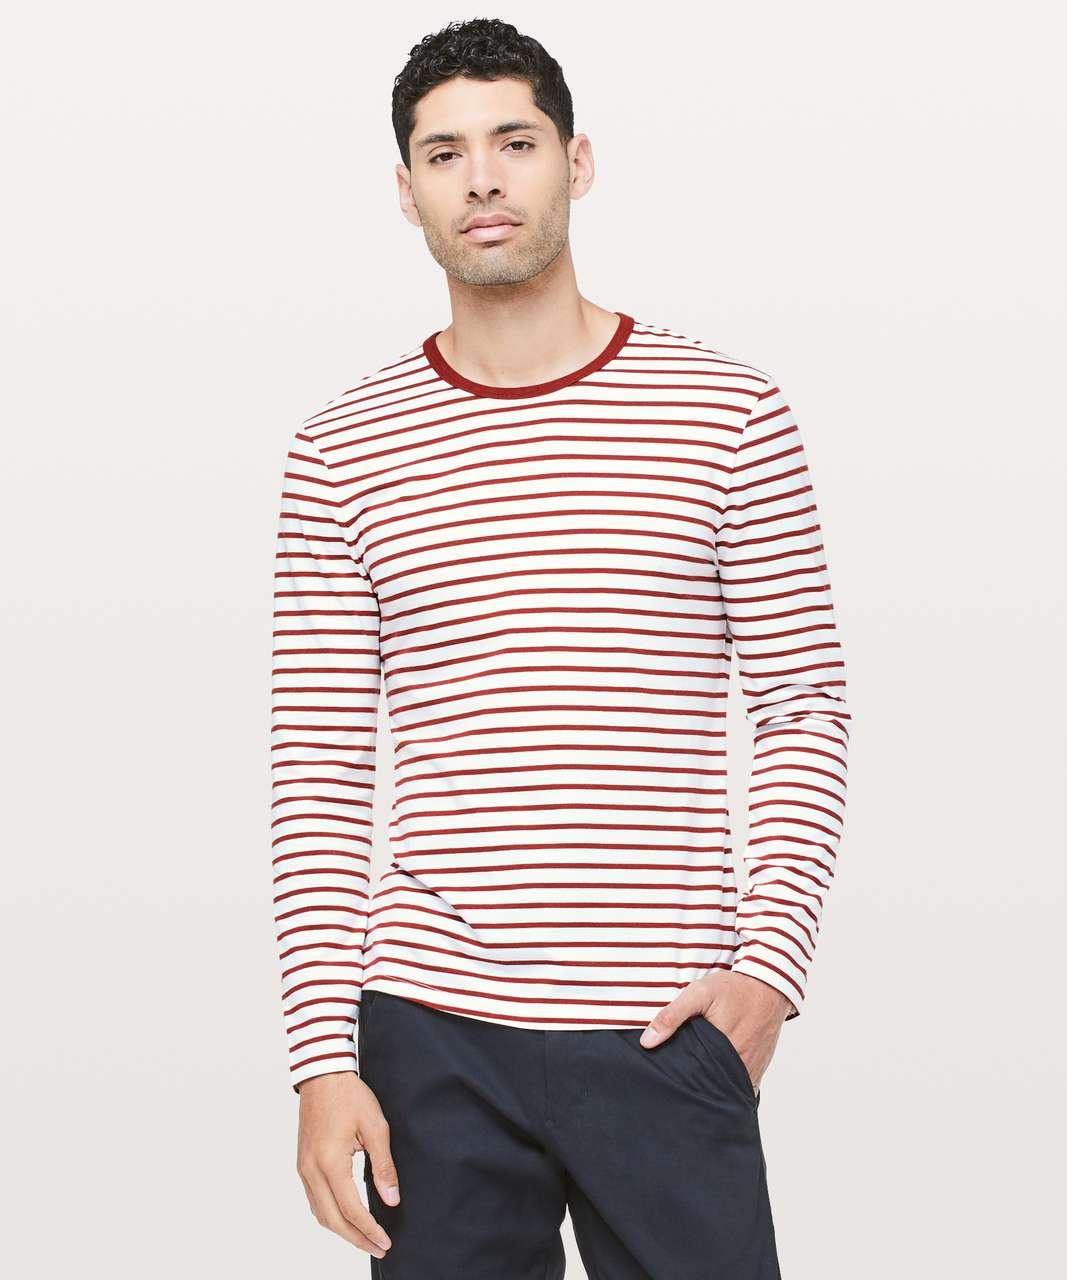 92fc46ab5ad6 Lululemon 5 Year Basic Long Sleeve - Yachtie Stripe White Magma - lulu  fanatics